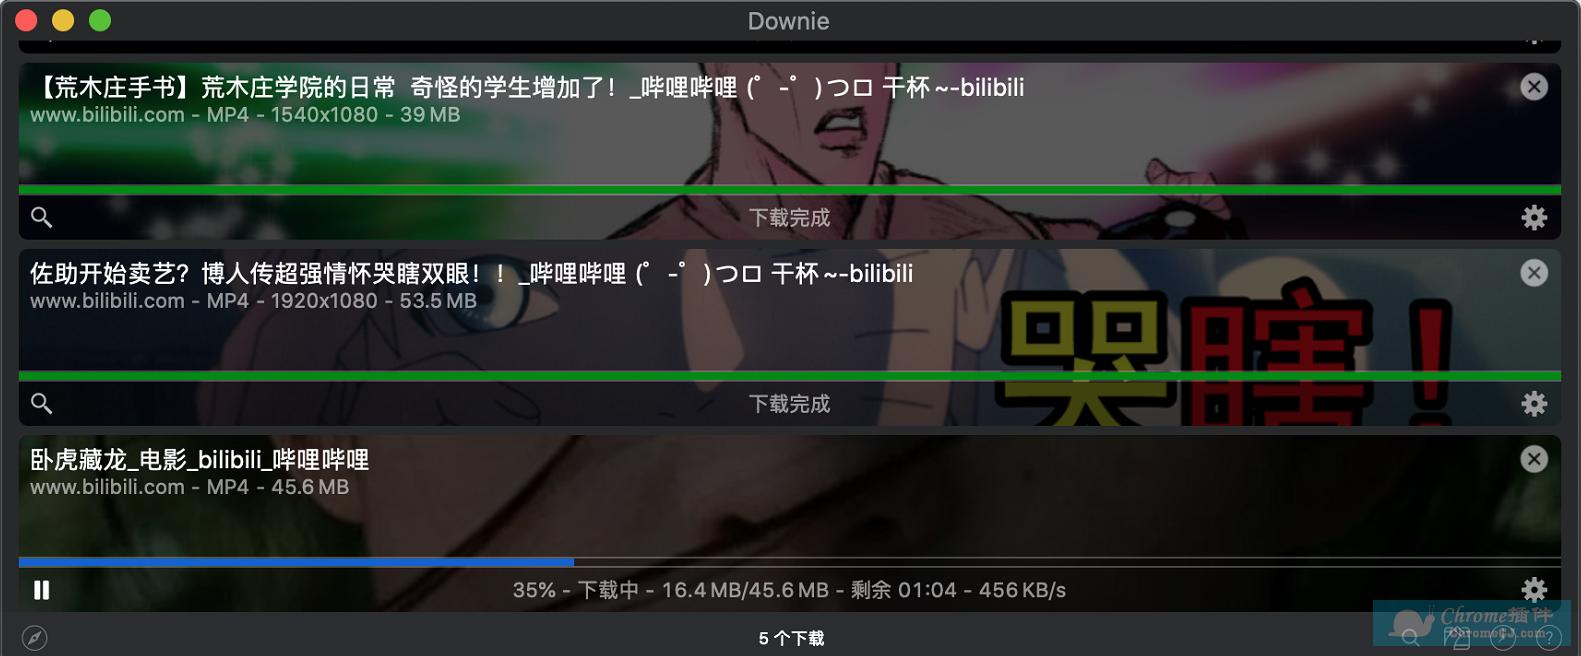 Downie 4 视频下载软件应用措施